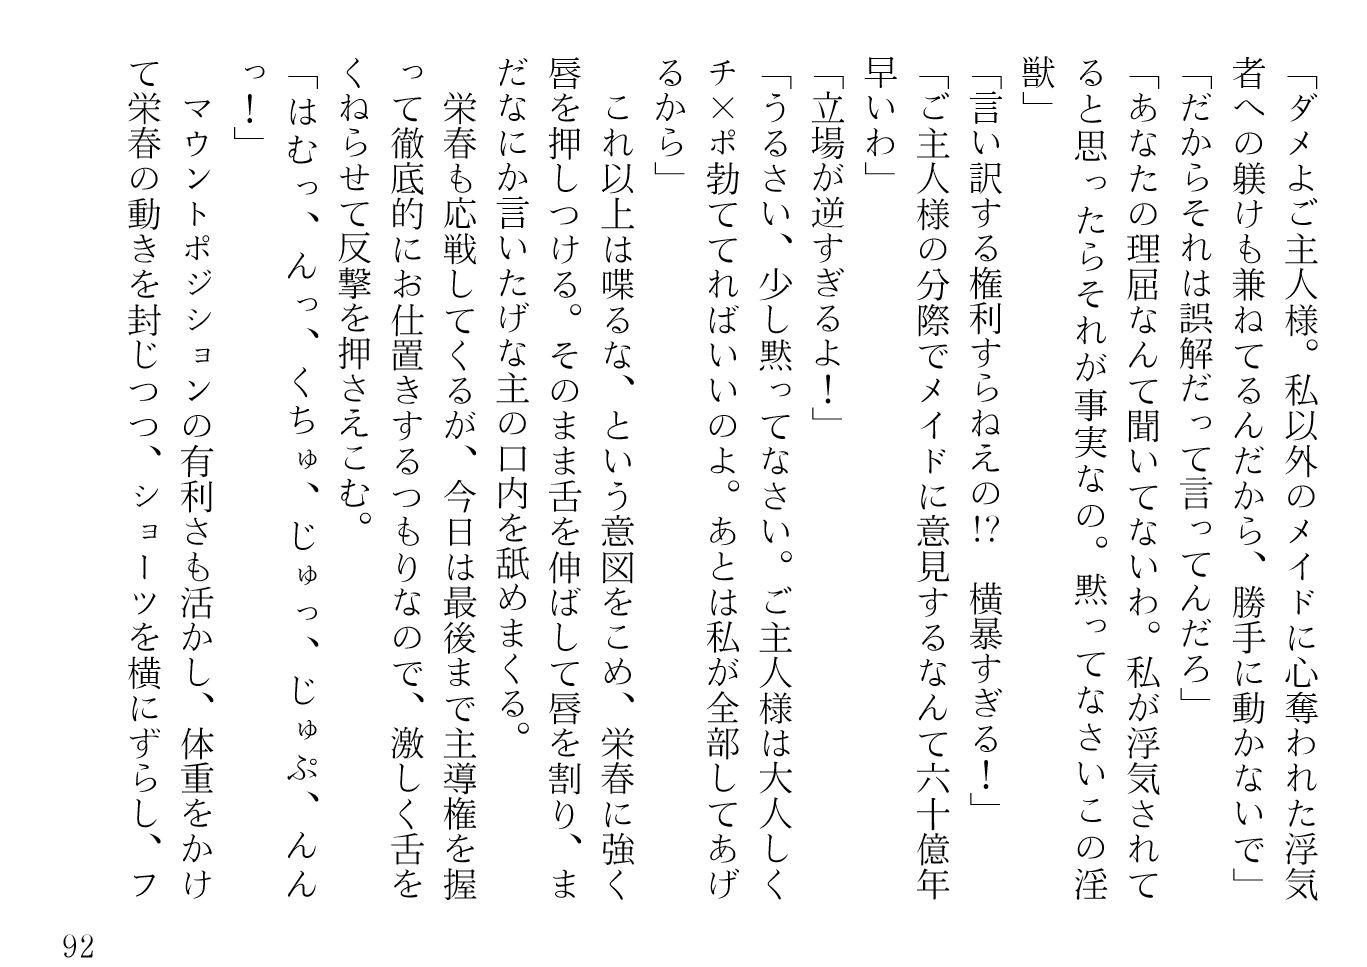 同人ガール:[同人]「ツンツンメイドはデレデレです」(青橋商店)